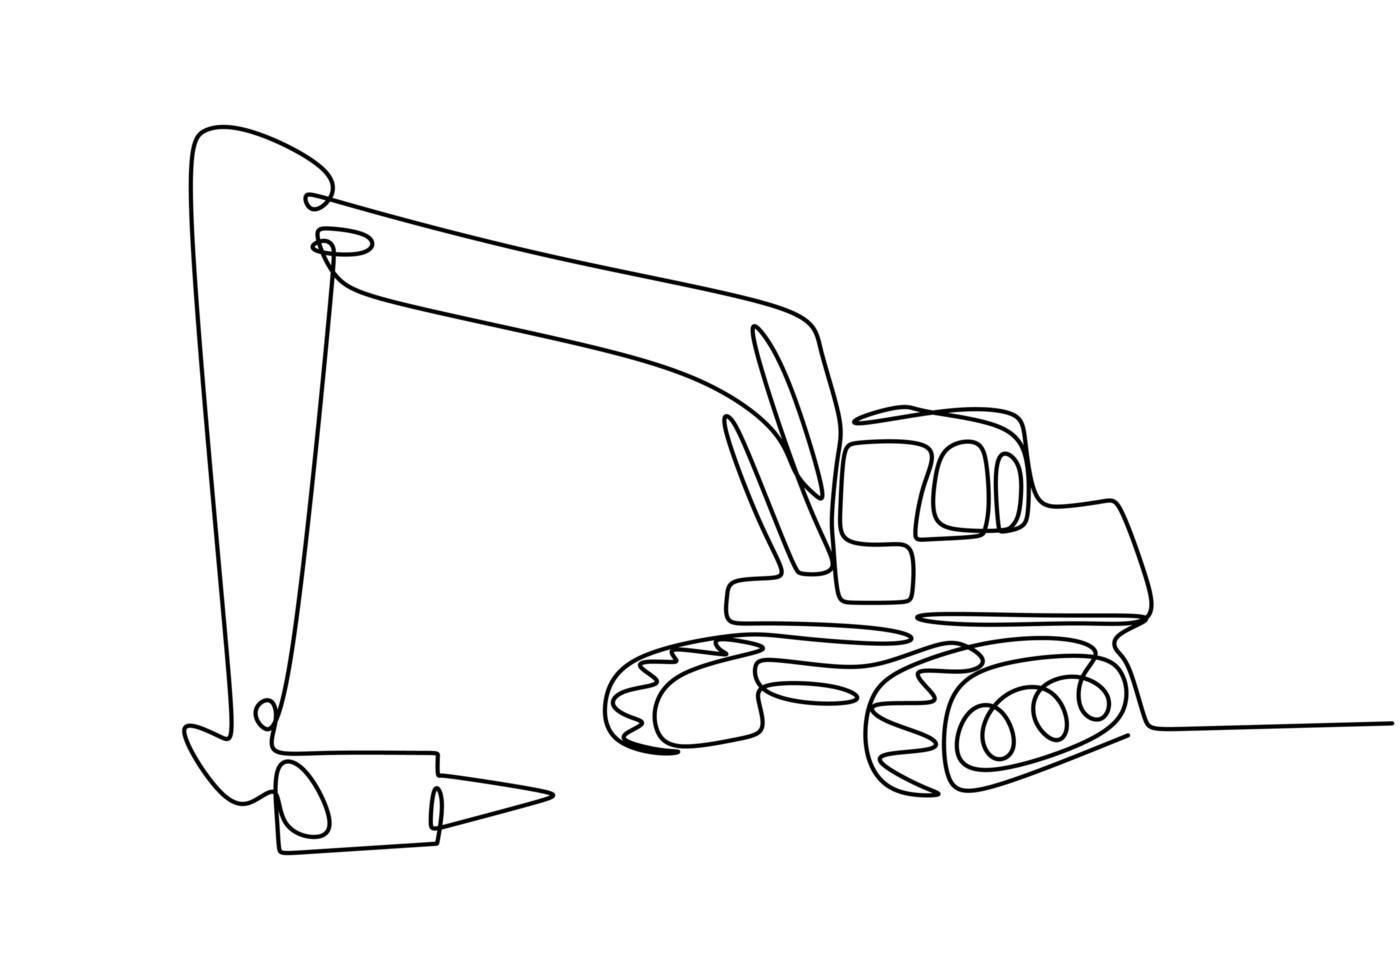 doorlopende lijntekeningen of een lijntekening van een graaflaadvoertuig voor de bouw. vector